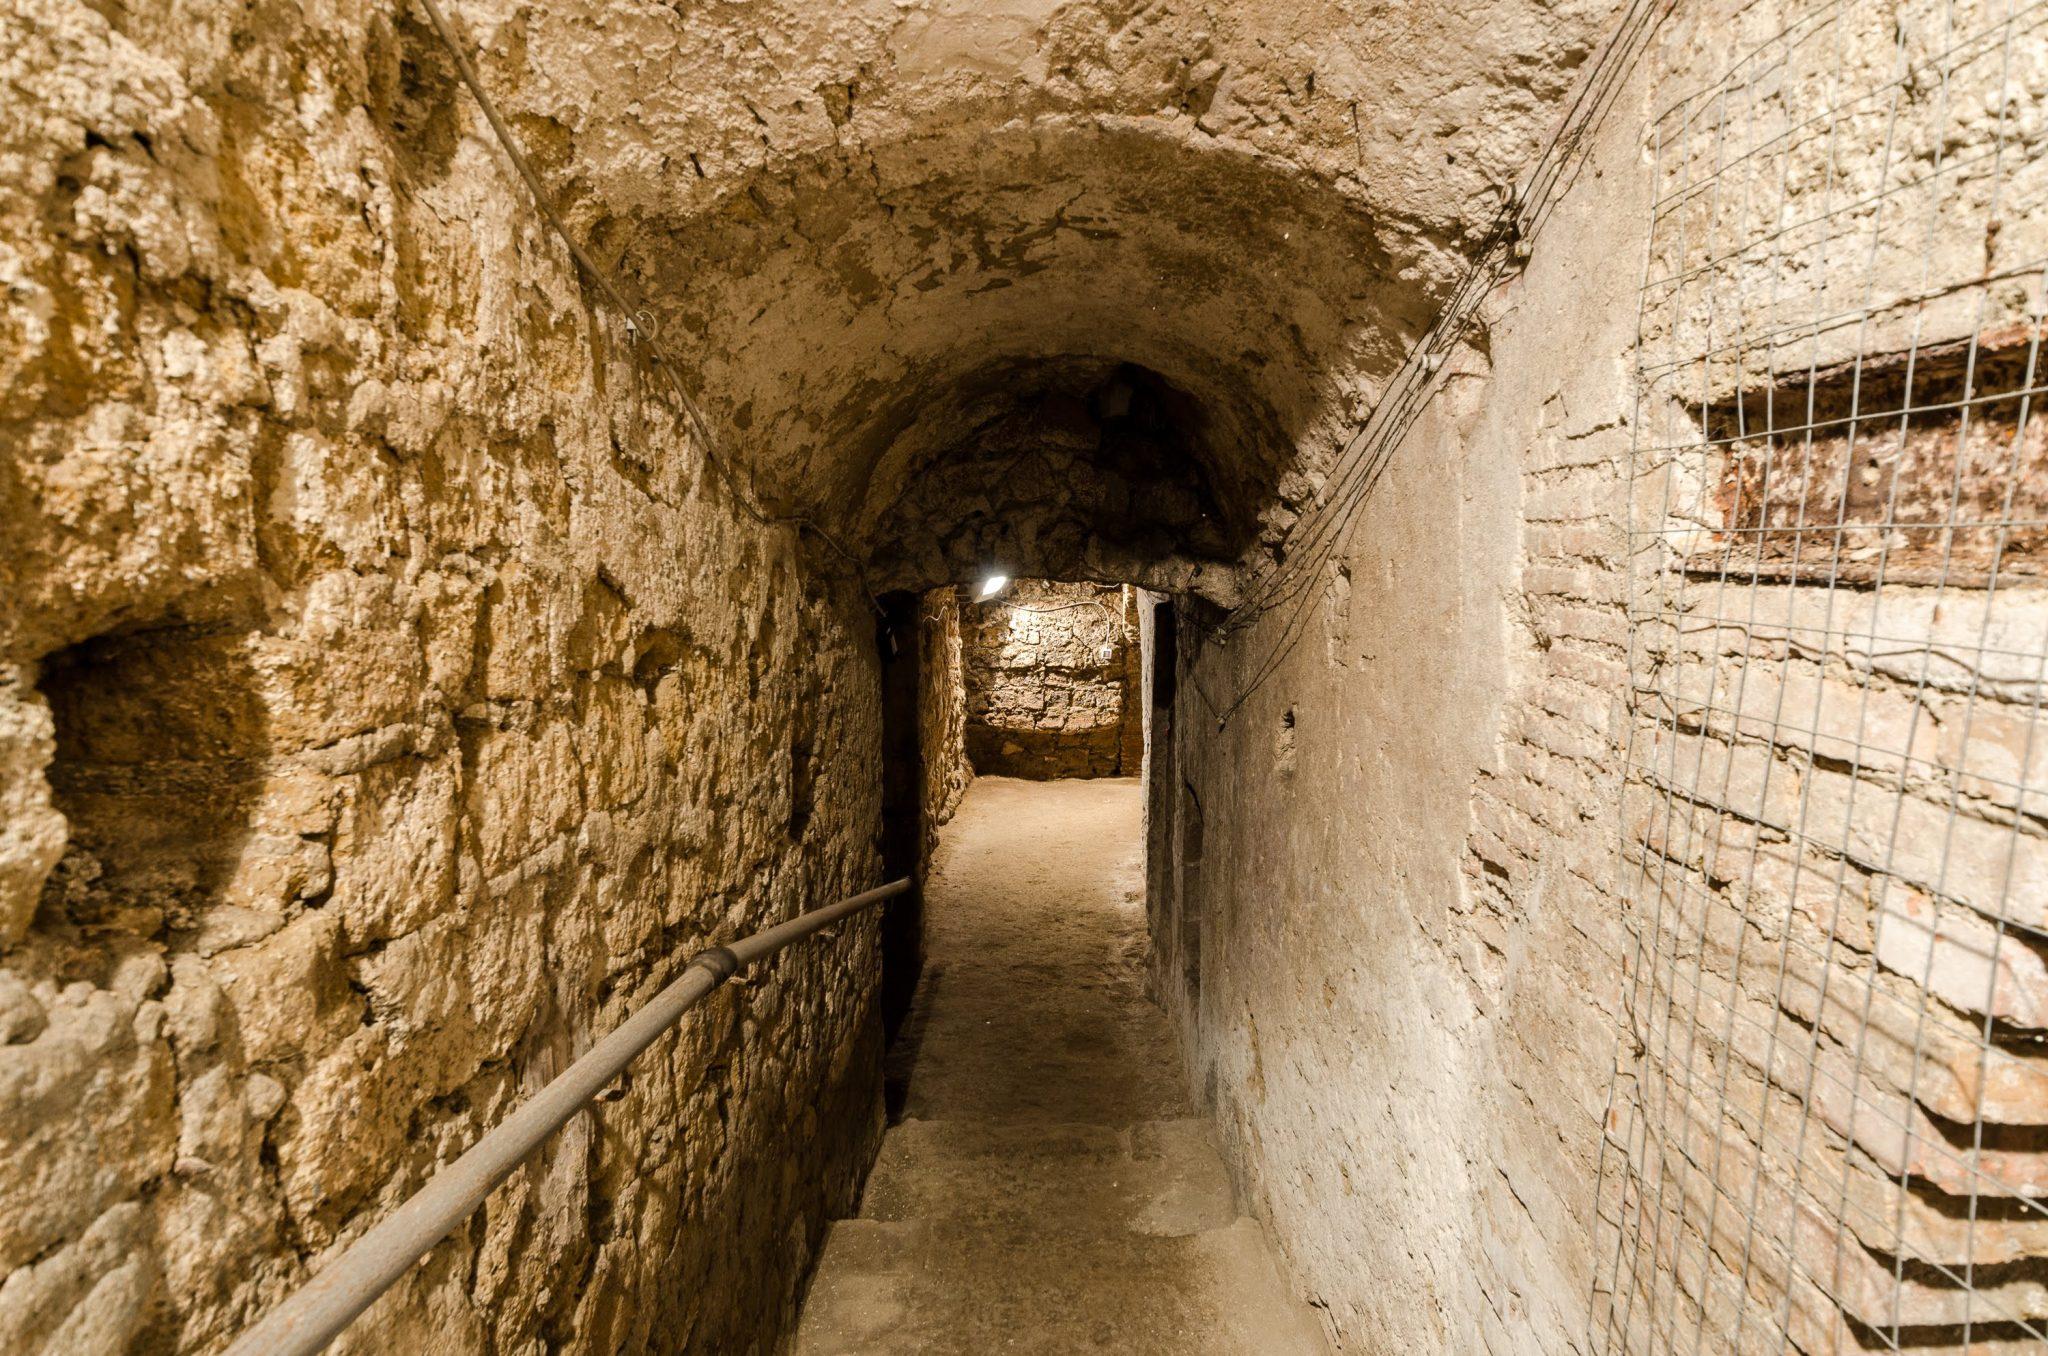 L'archeologia incontra l'arte contemporanea. Al via a Napoli il progetto Underneath the Arches